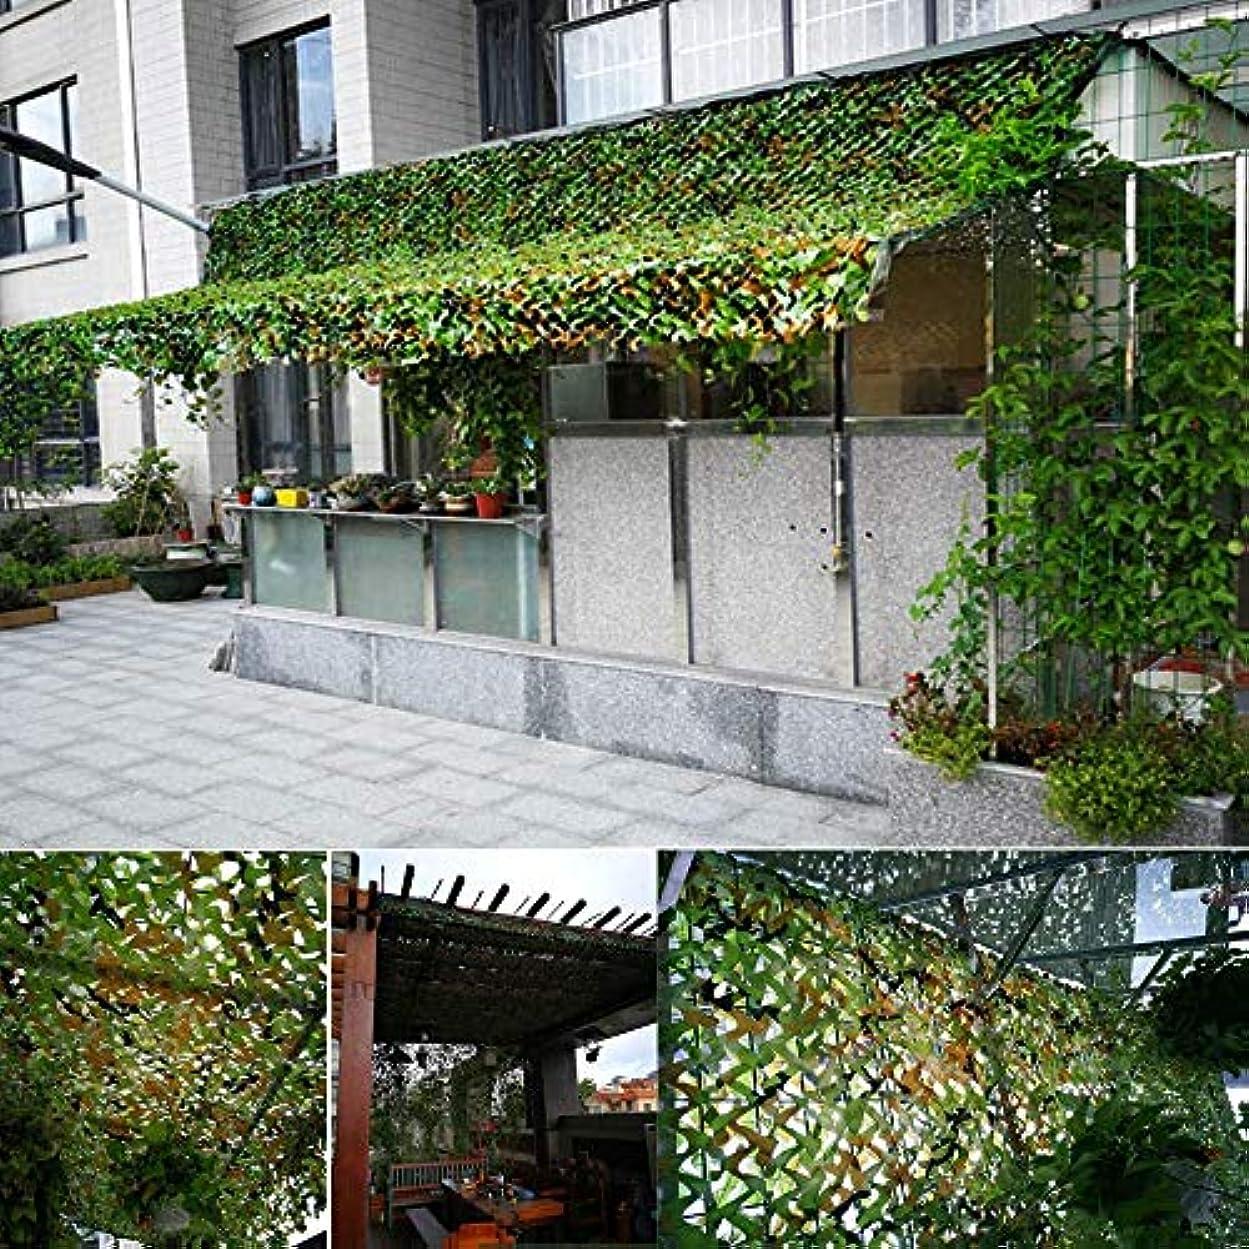 まぶしさ穀物騒乱テラスの日除け 迷彩ネットサンシェードネット用屋根装飾保護オックスフォード布生地様々なサイズ迷彩グリーン 迷彩ネット日焼け止めネット (サイズ さいず : 5*8M)